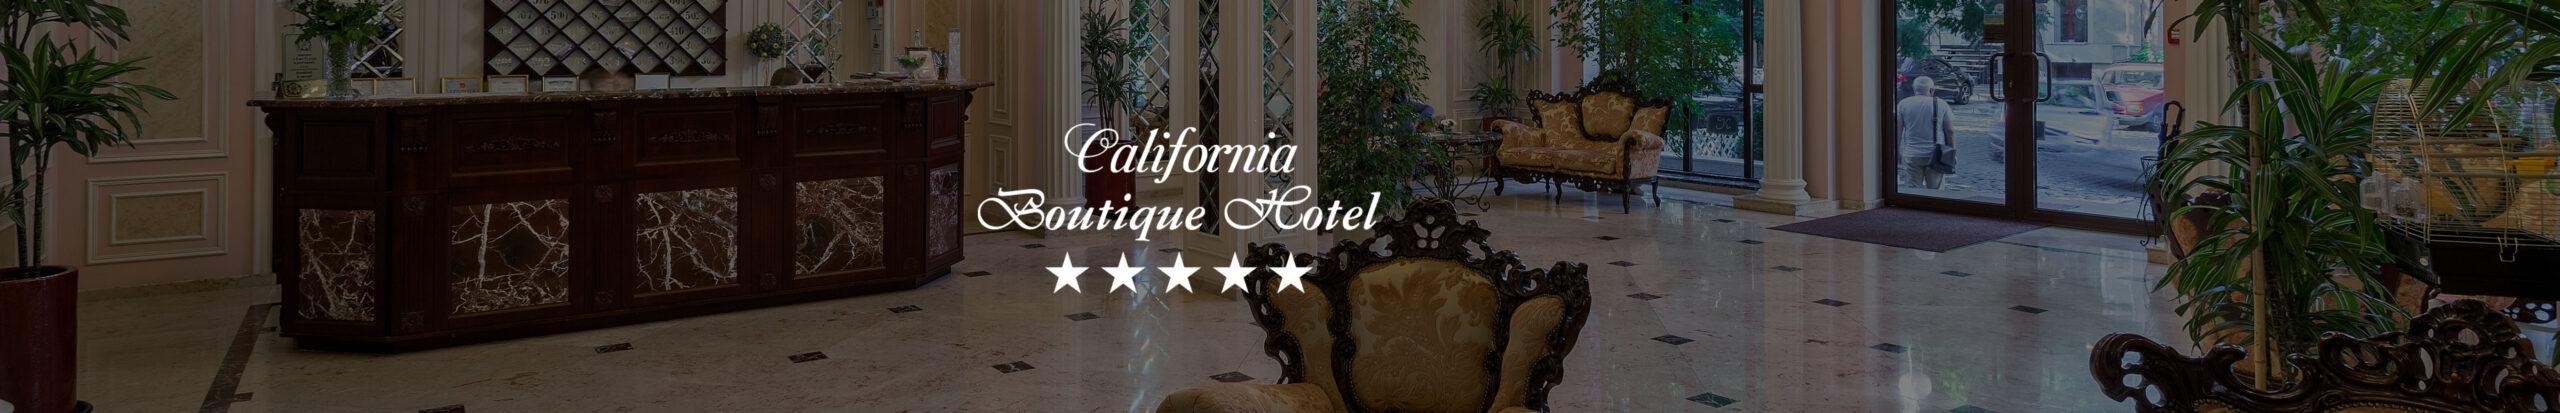 Кейс : Продвижение сайта Отеля Калифорния. PPC + Таргетированная реклама